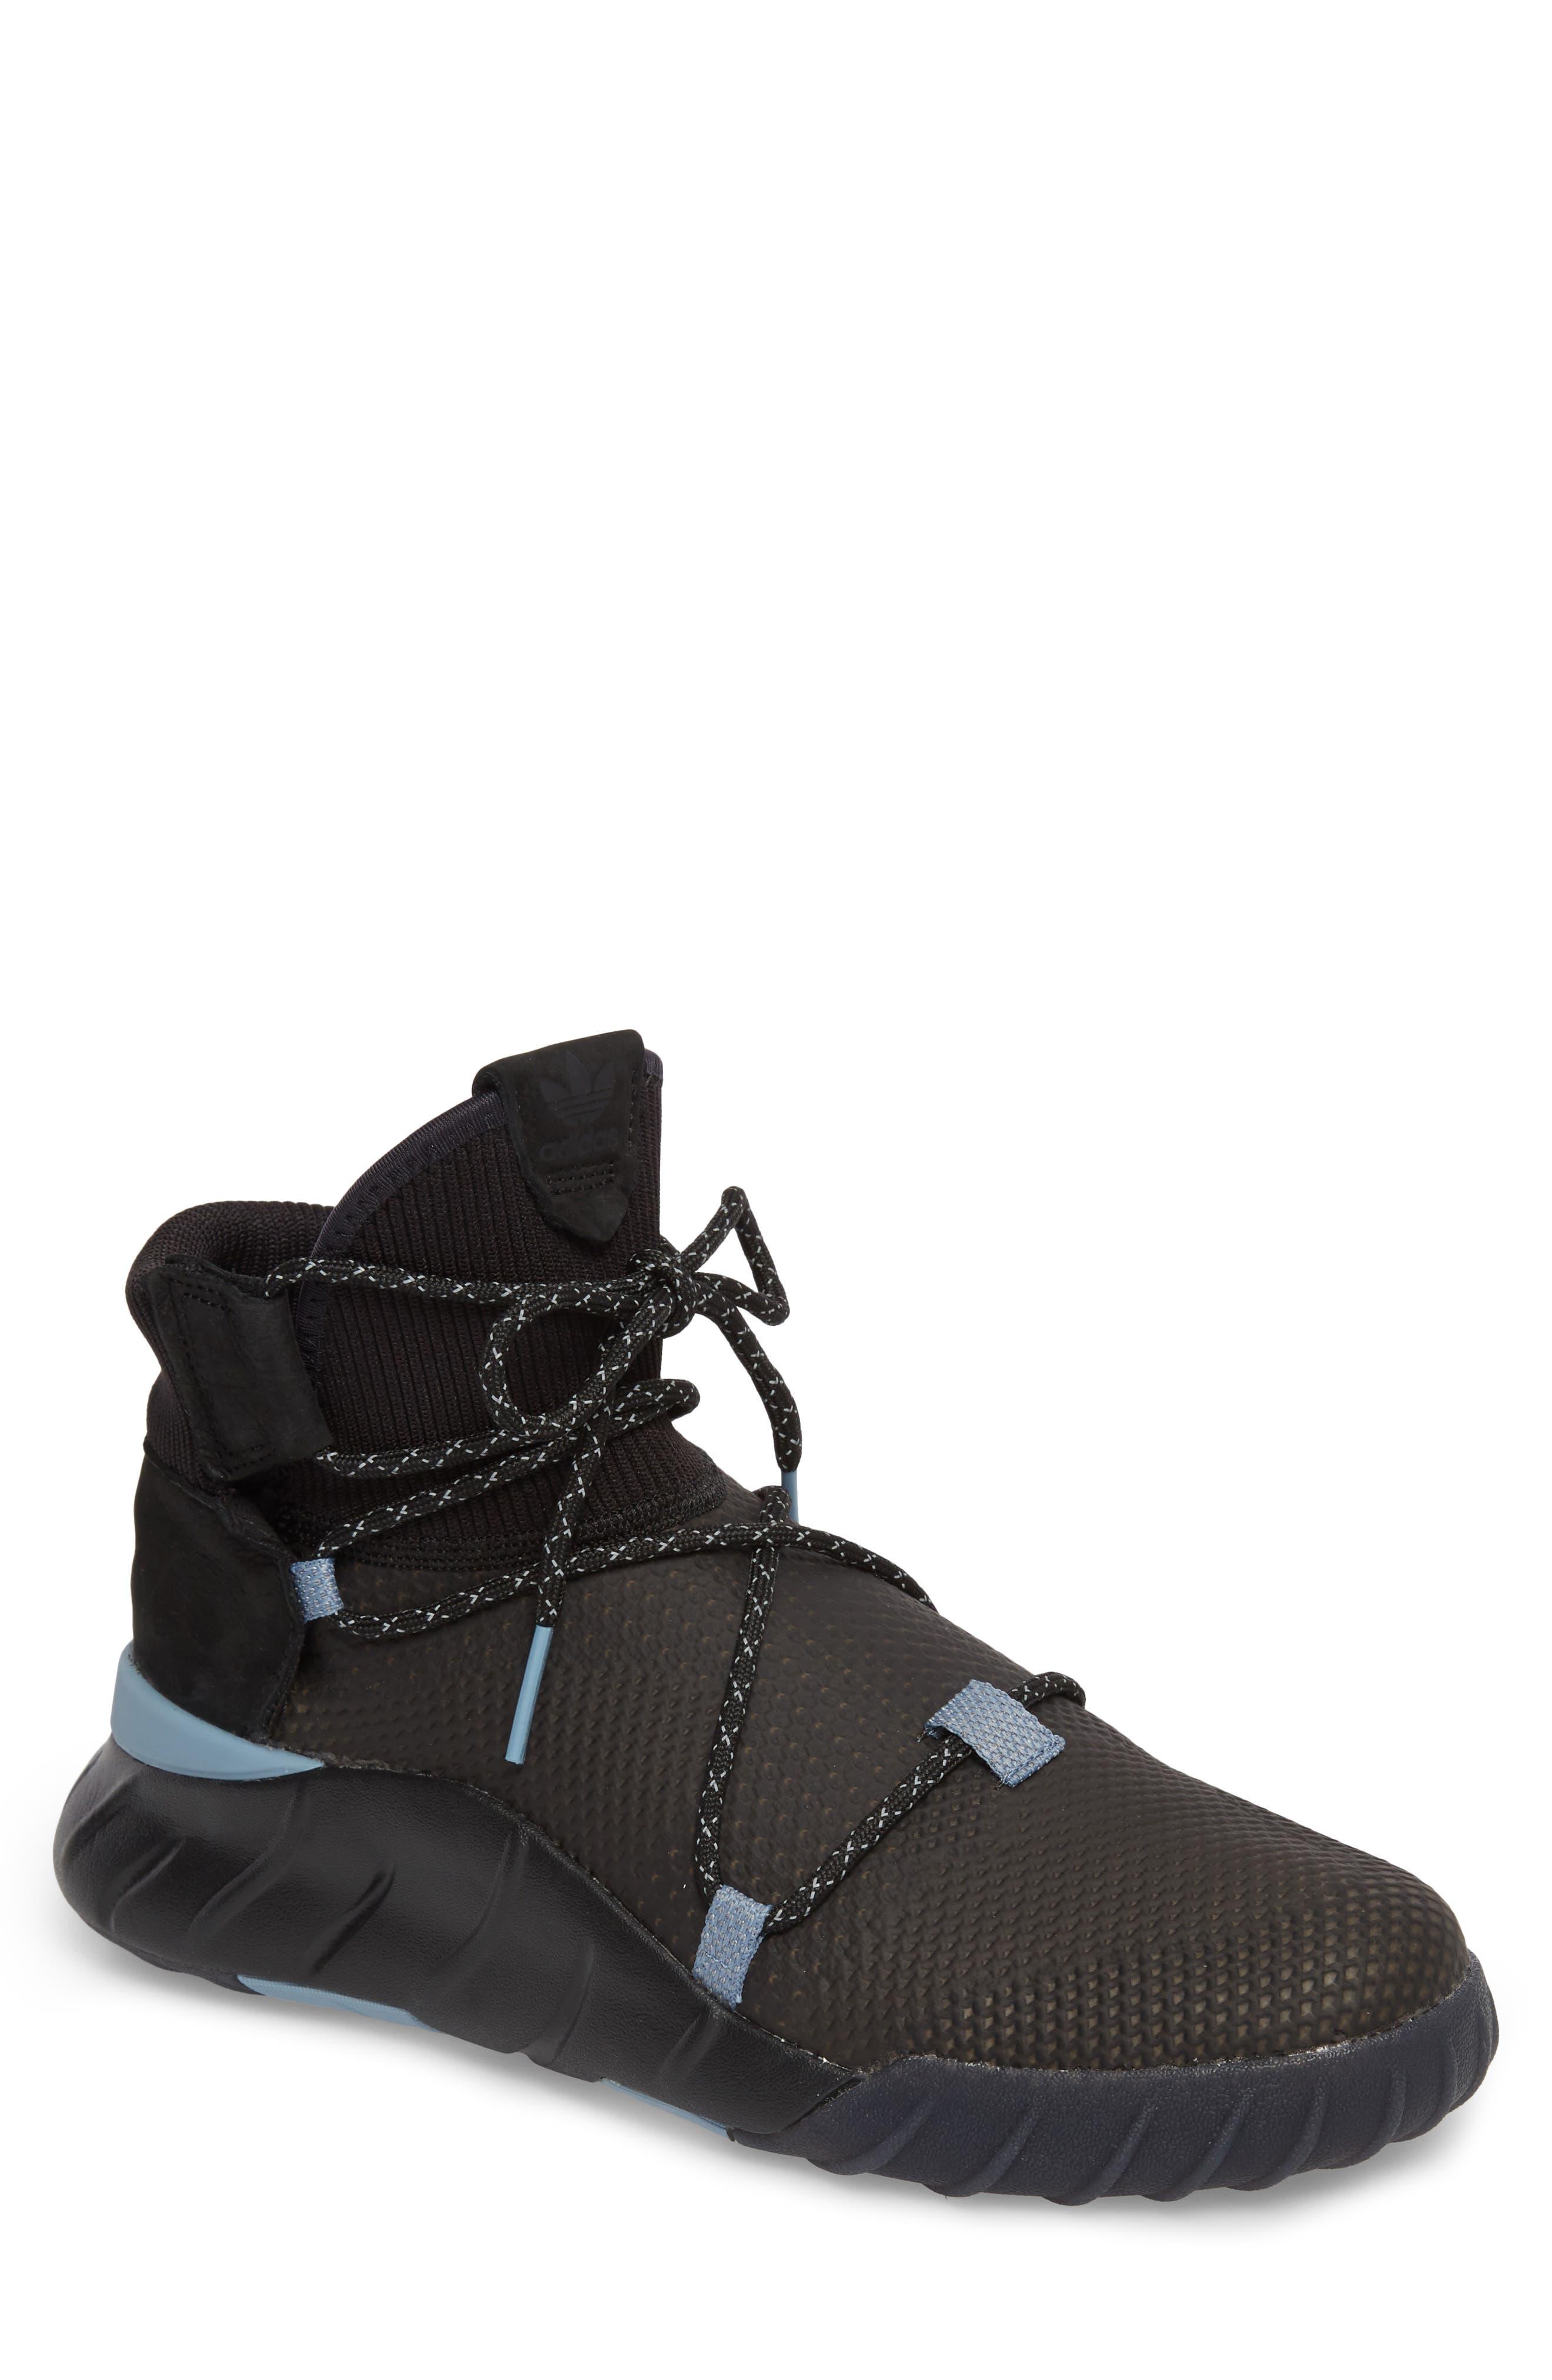 Tubular X 2.0 PK Sneaker,                             Main thumbnail 1, color,                             001